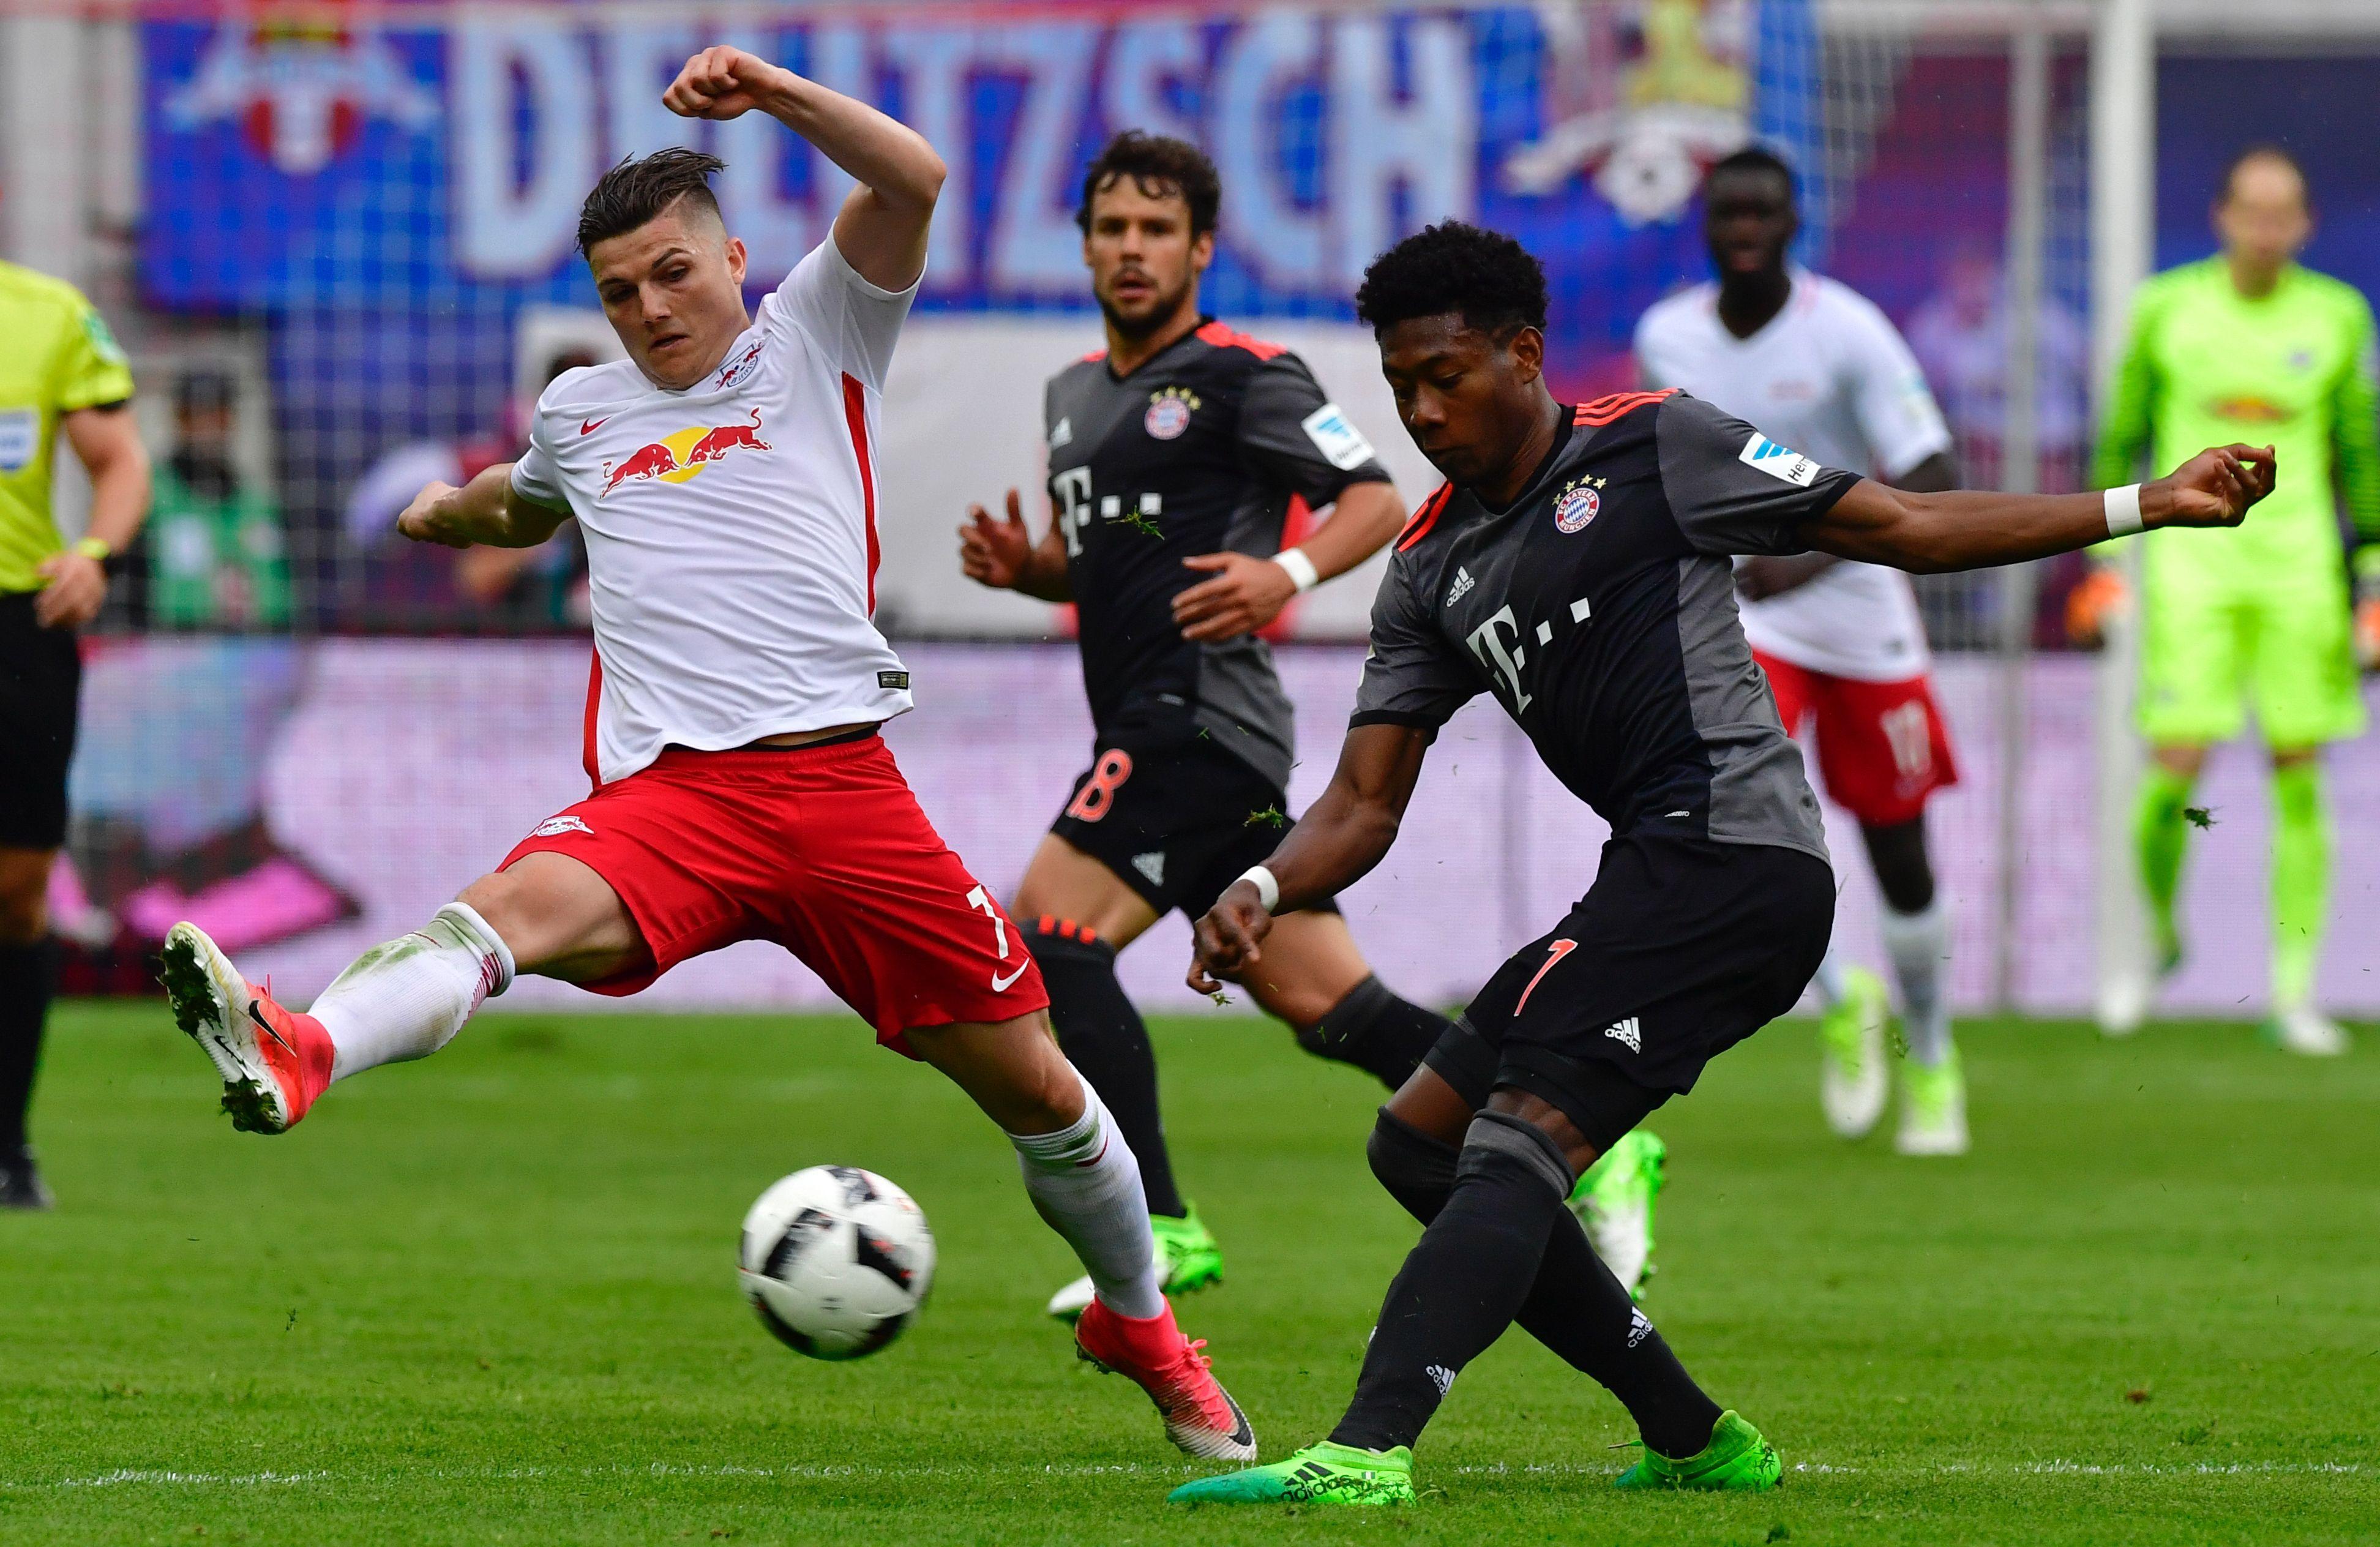 Dfb Bayern Leipzig